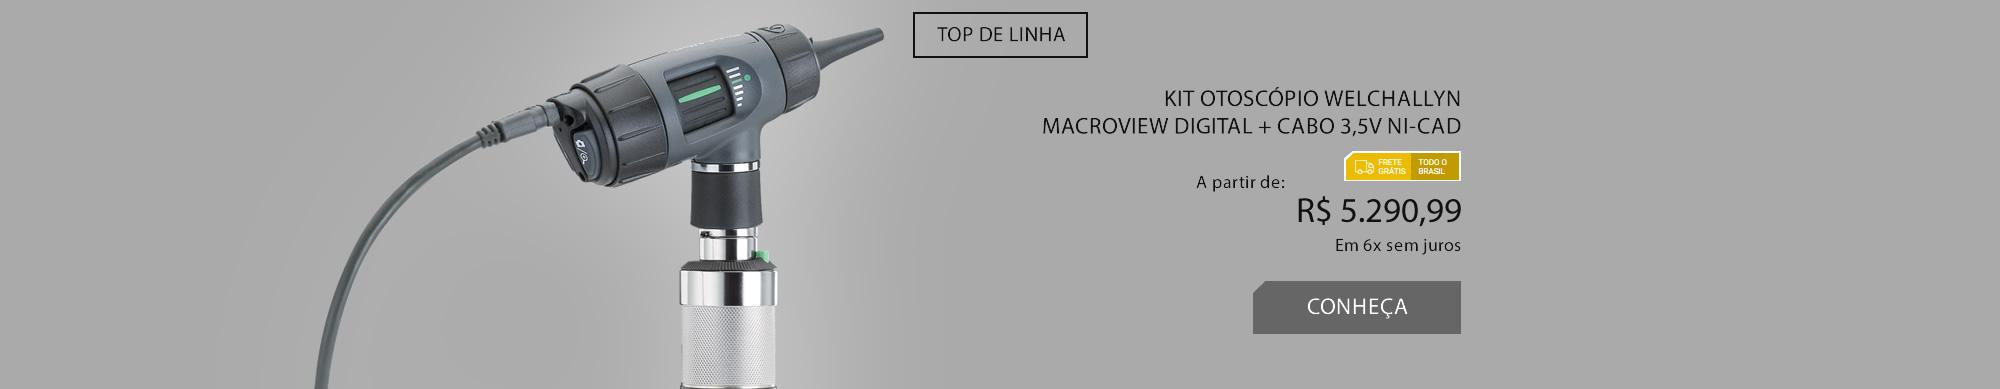 Banner Principal - Macroview